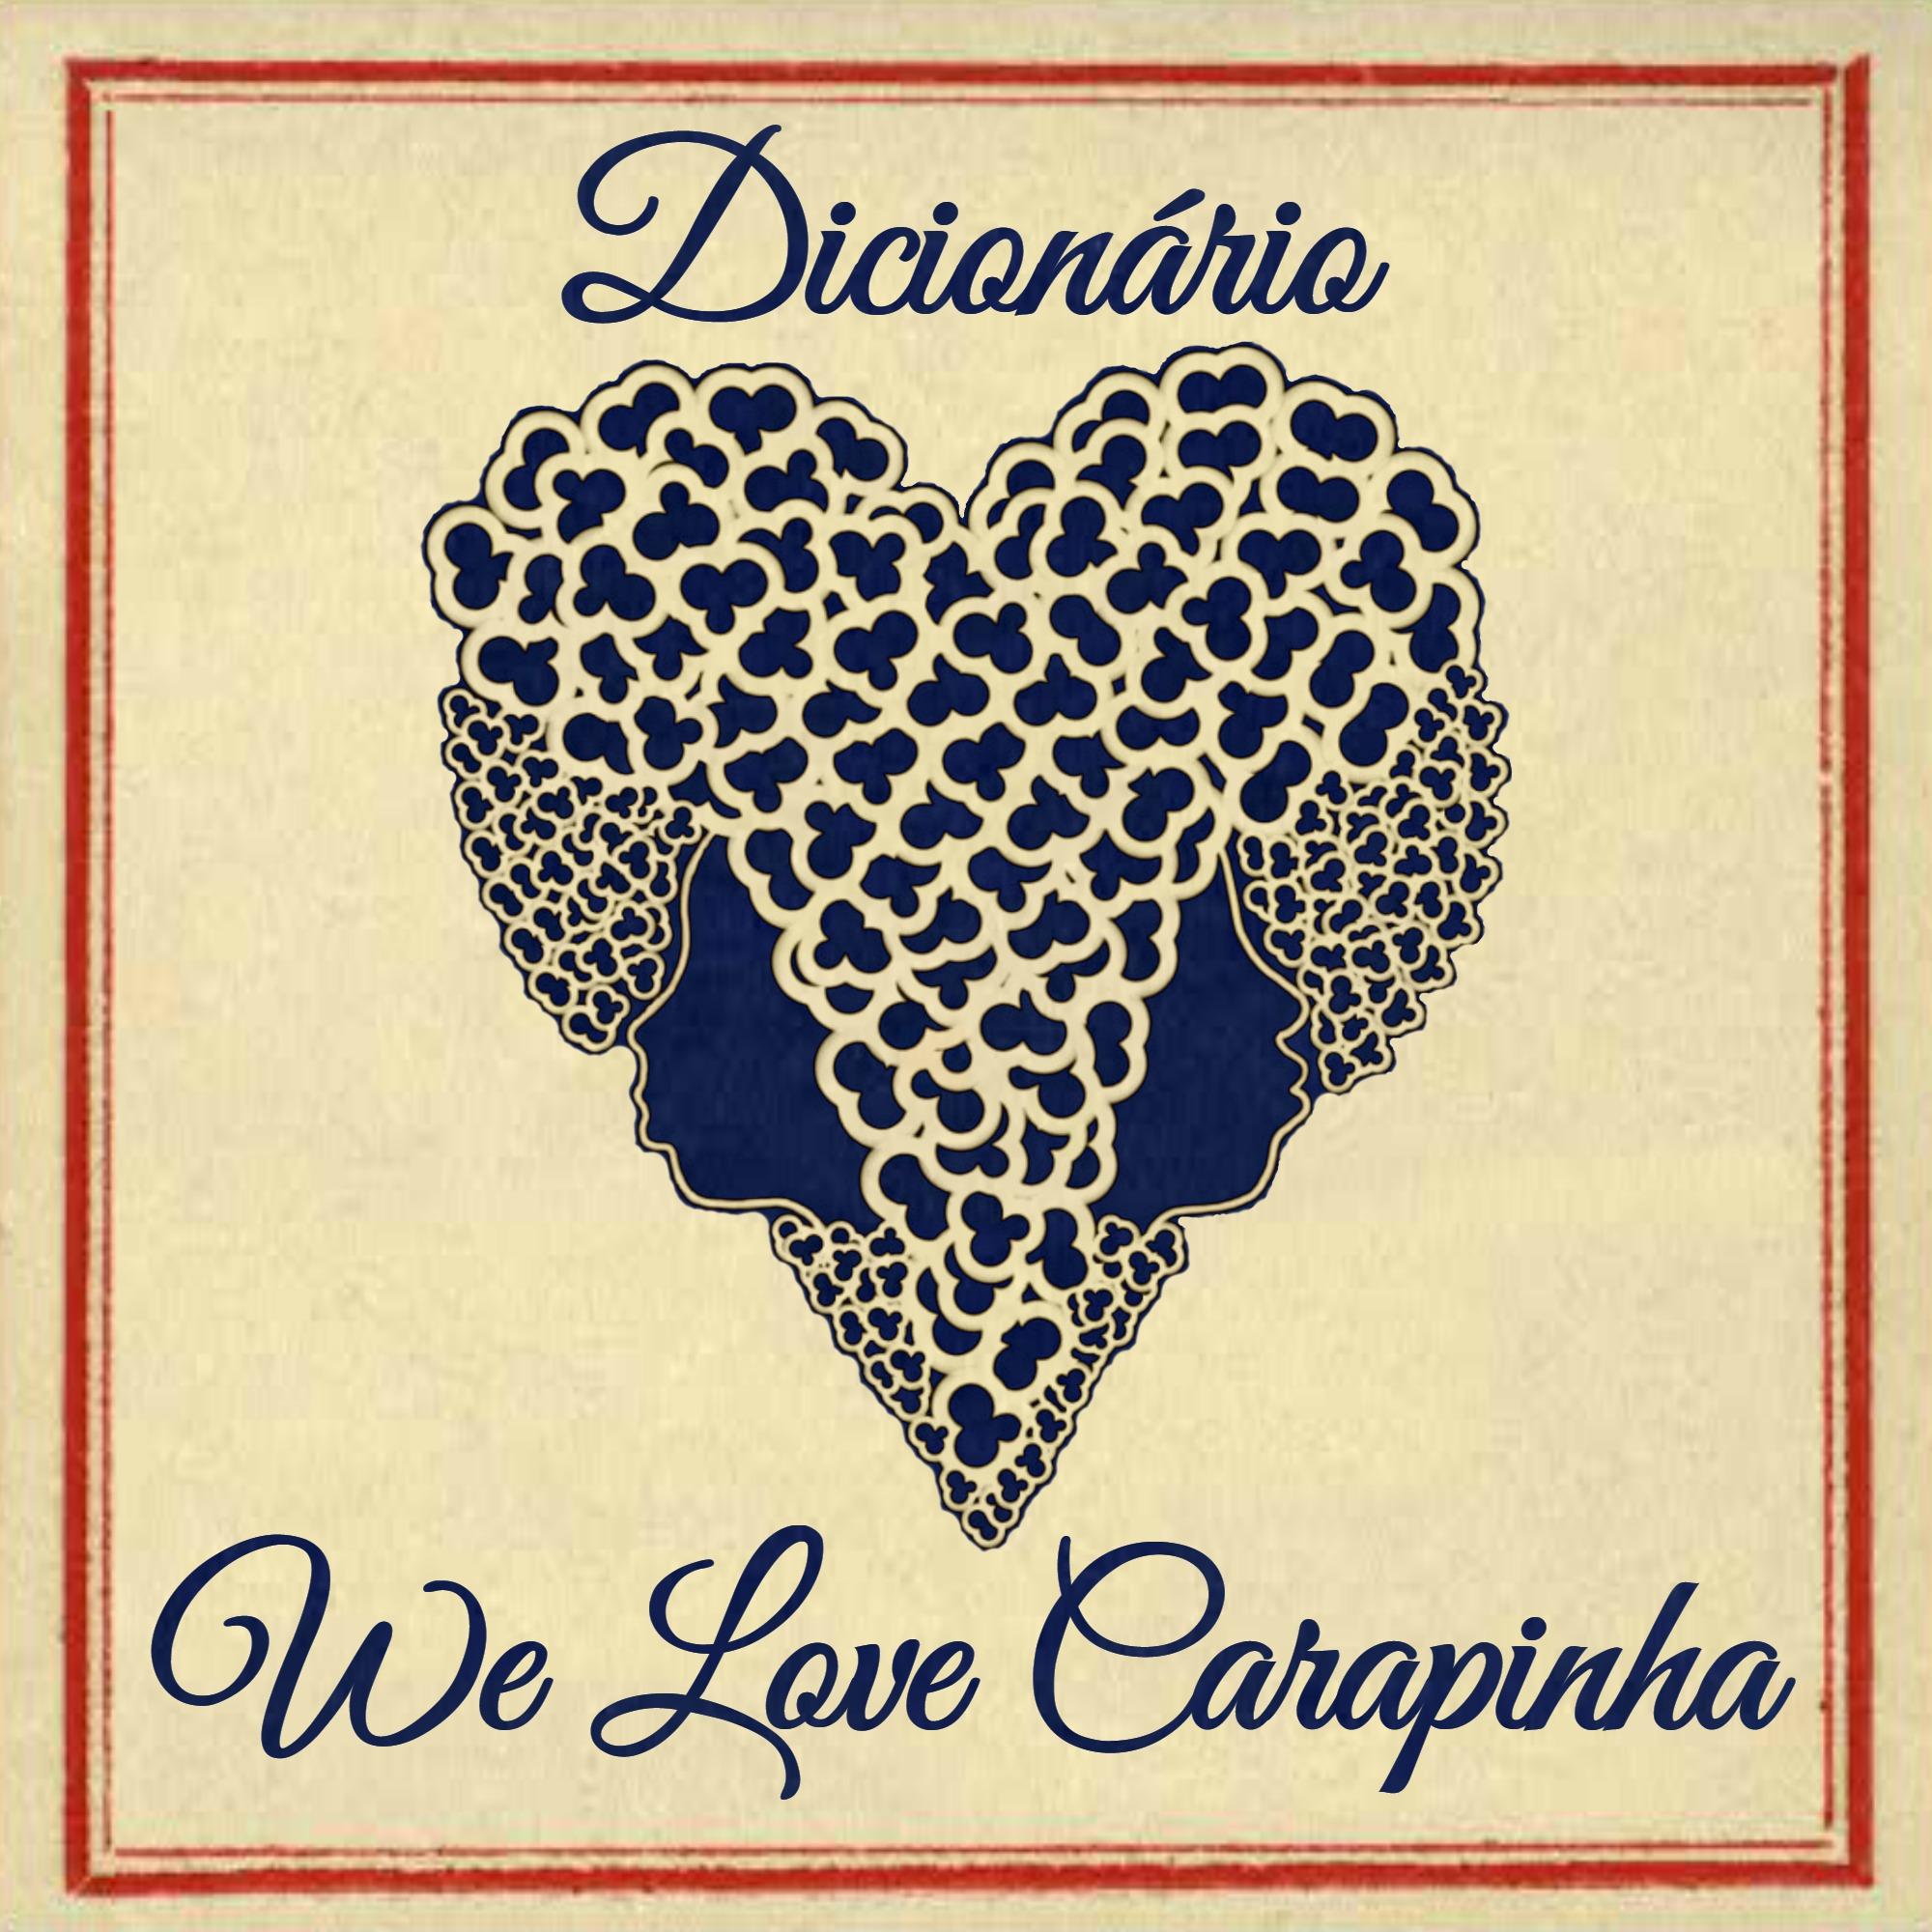 Dicionário We Love Carapinha